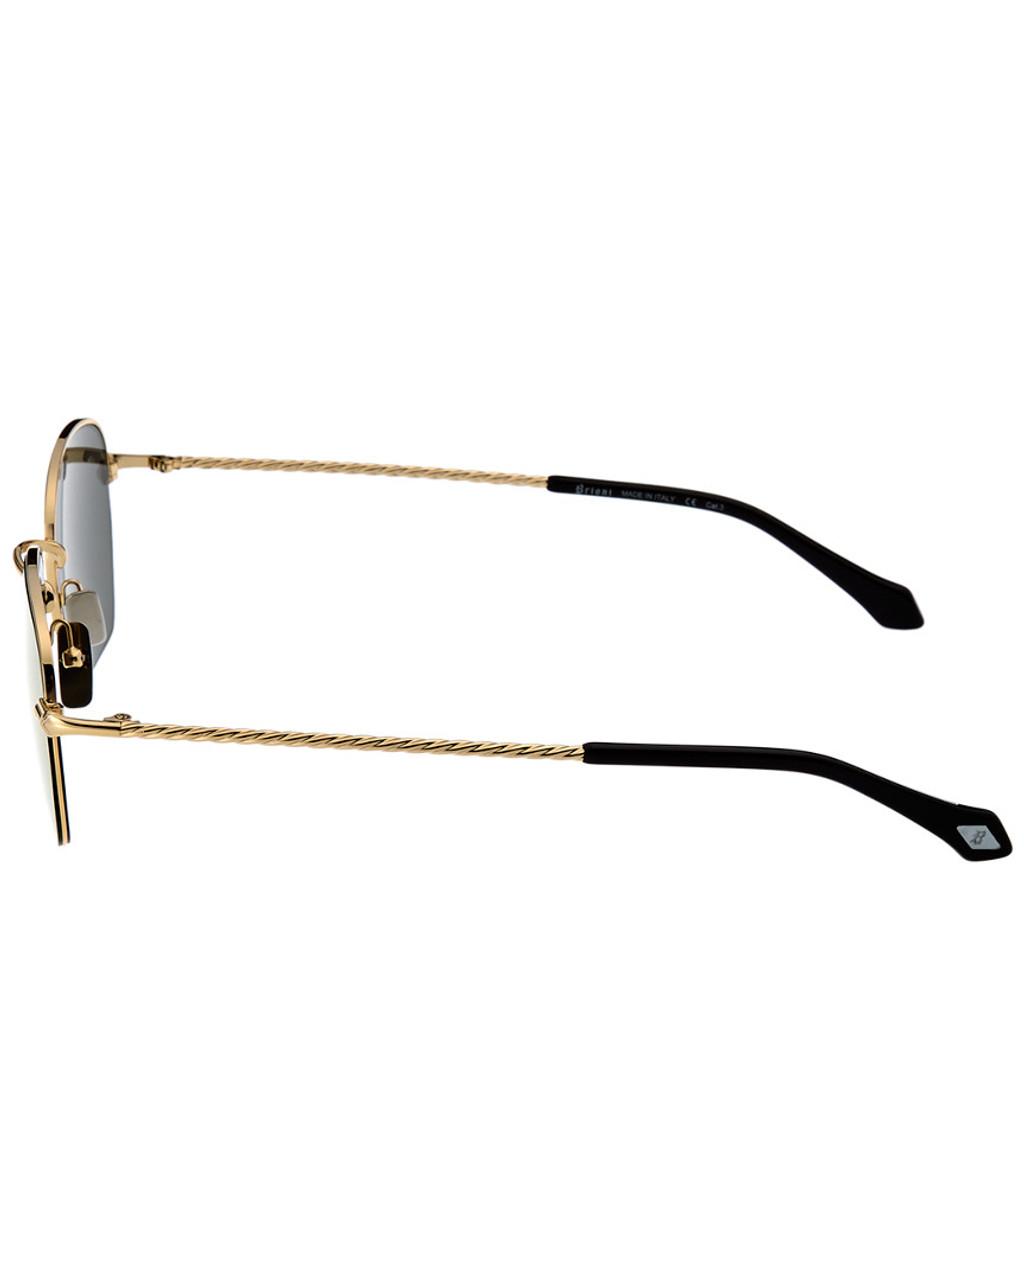 eb214b95ed Brioni Men s BR0027S 49mm Sunglasses~1111868588 - Boston Store